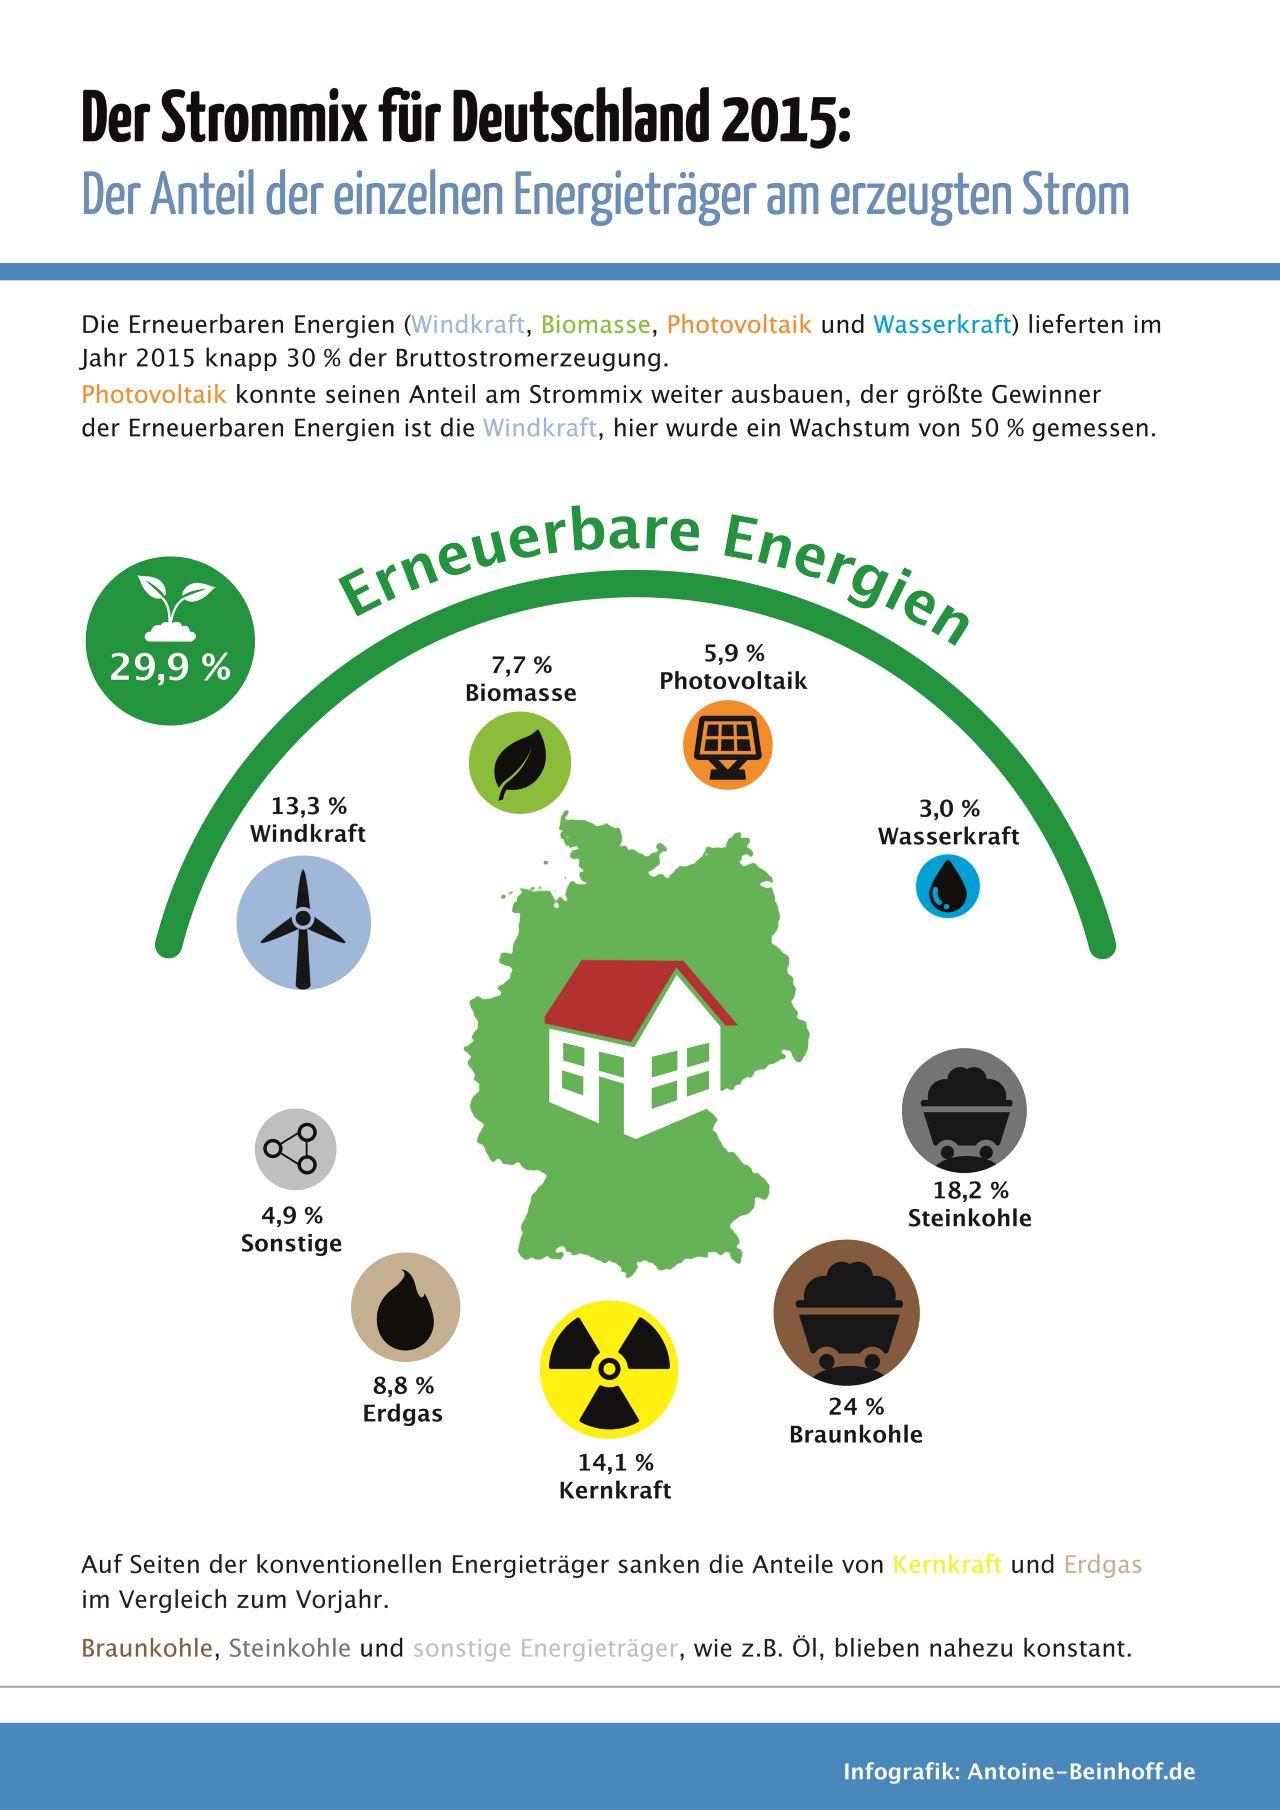 strommix-deutschland-2015-infografik-antoine-beinhoff